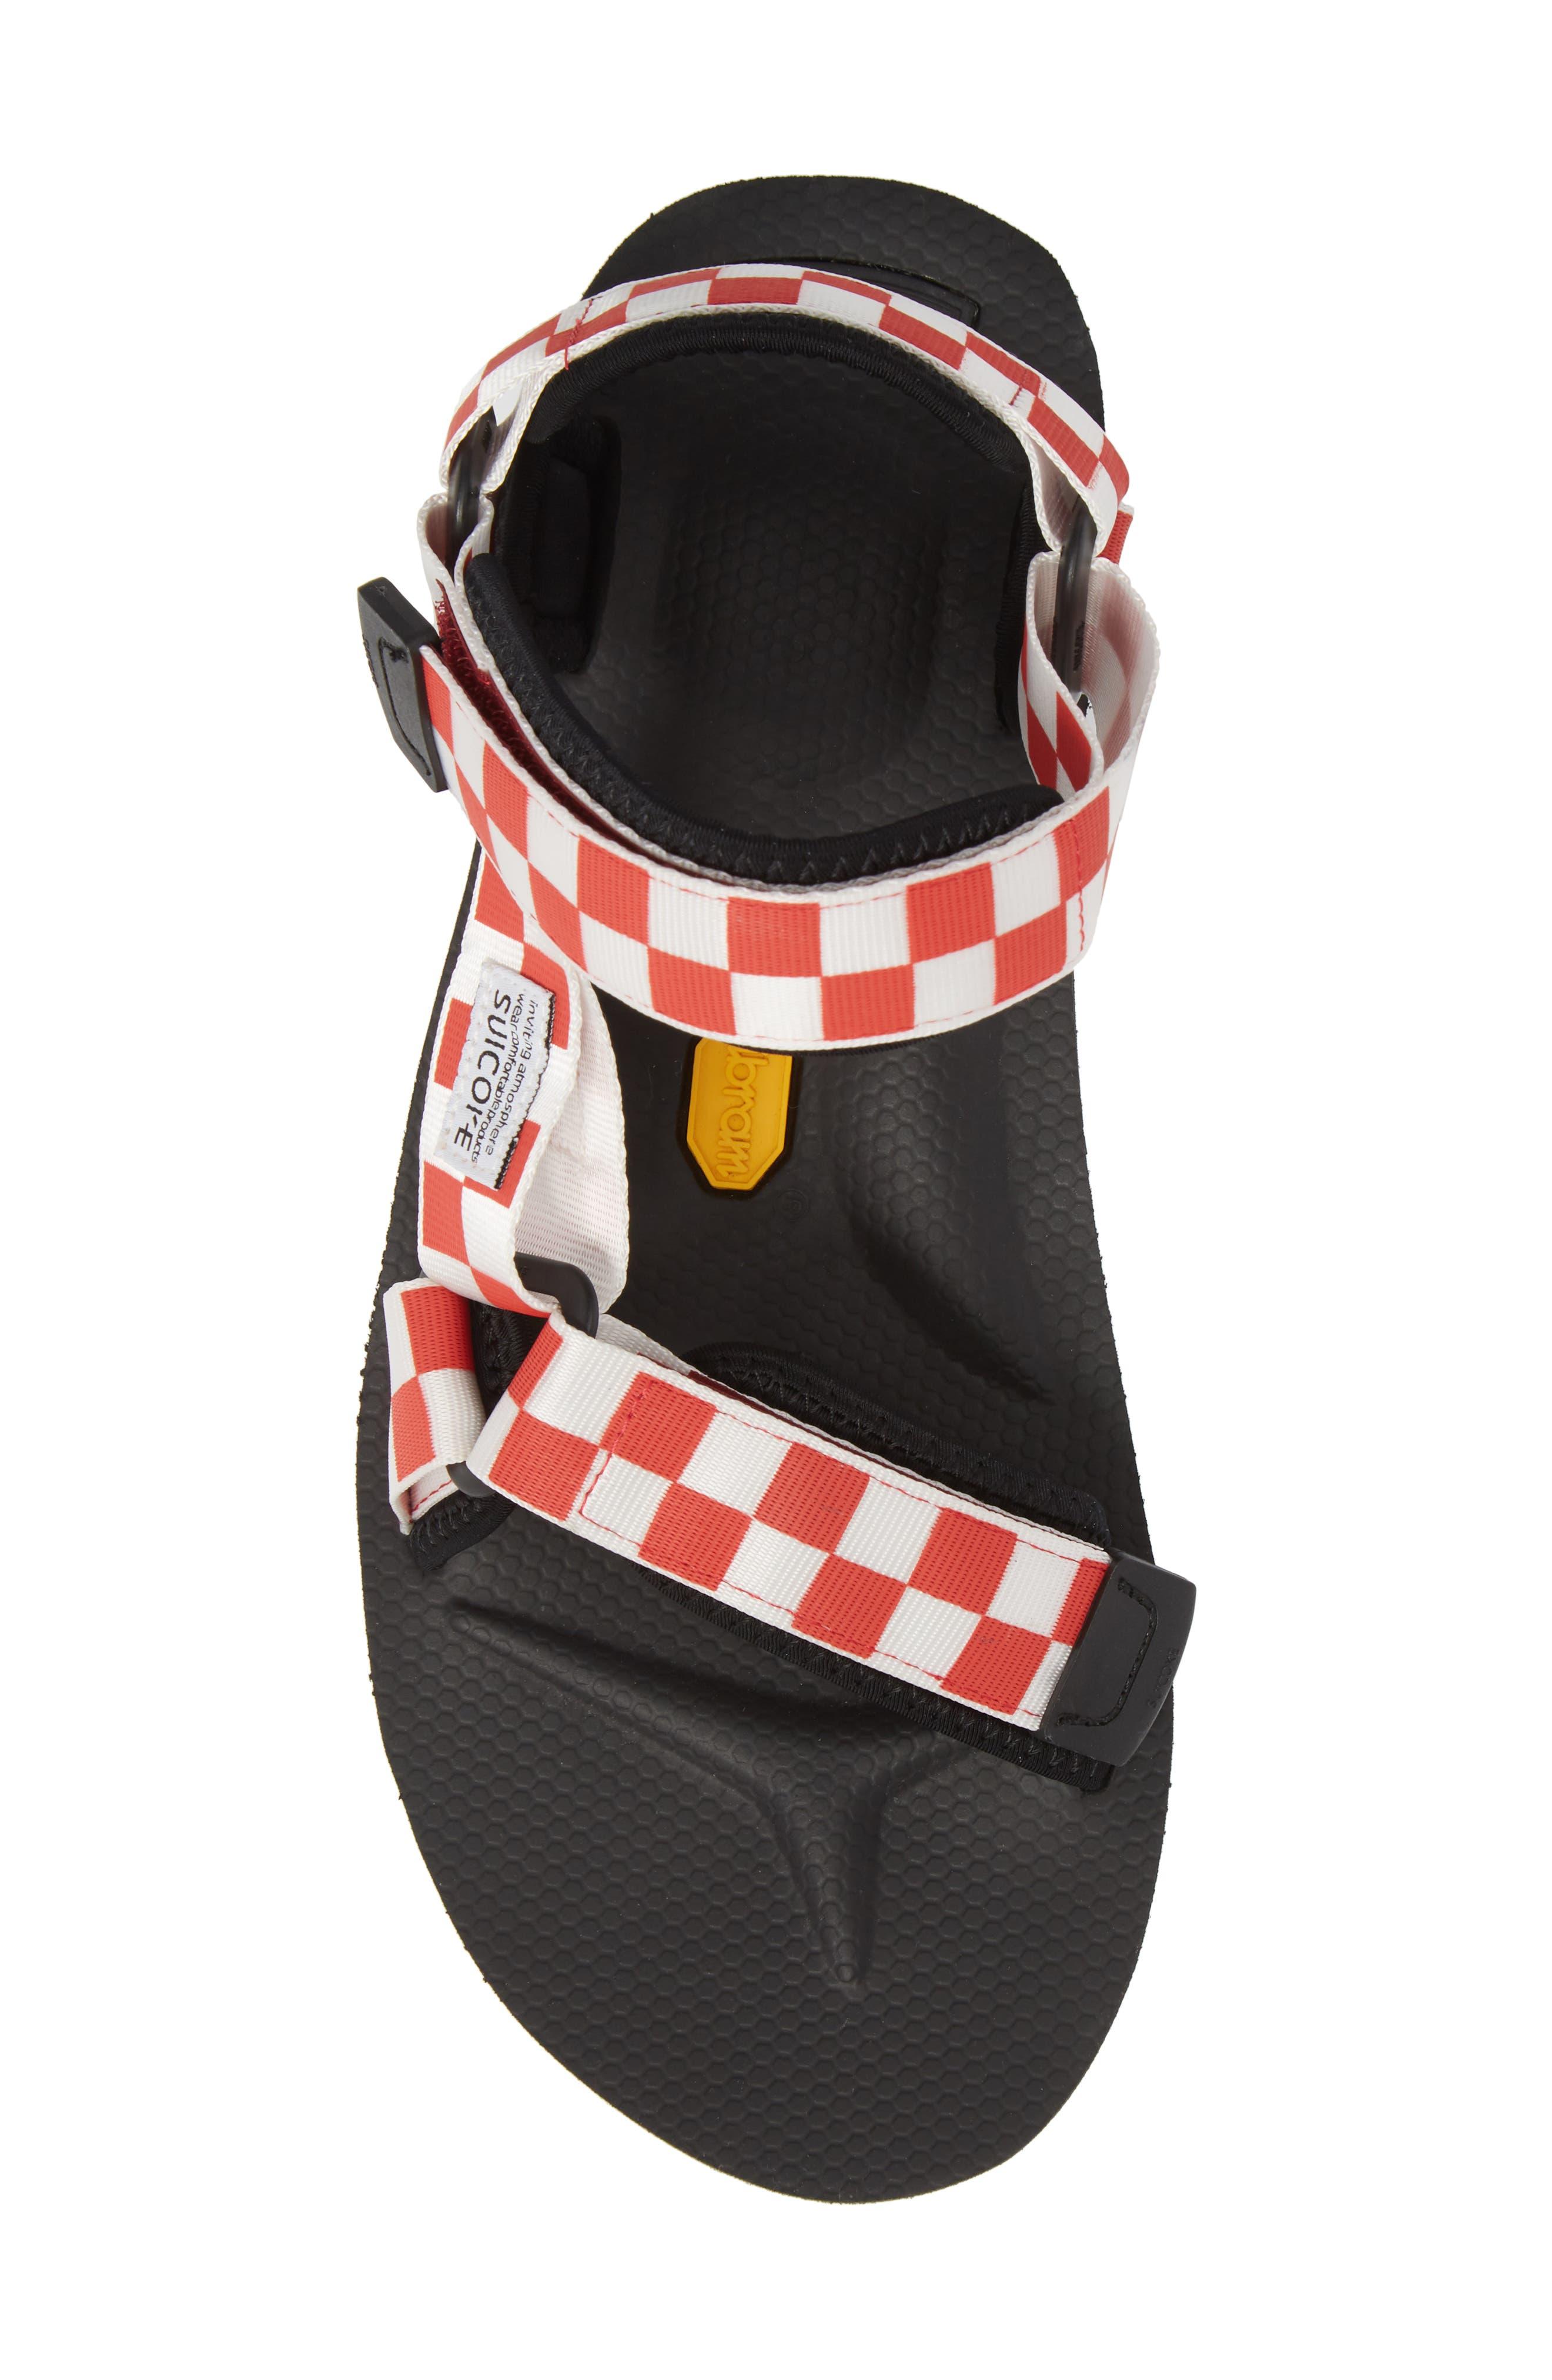 Depa Sport Sandal,                             Alternate thumbnail 5, color,                             Red